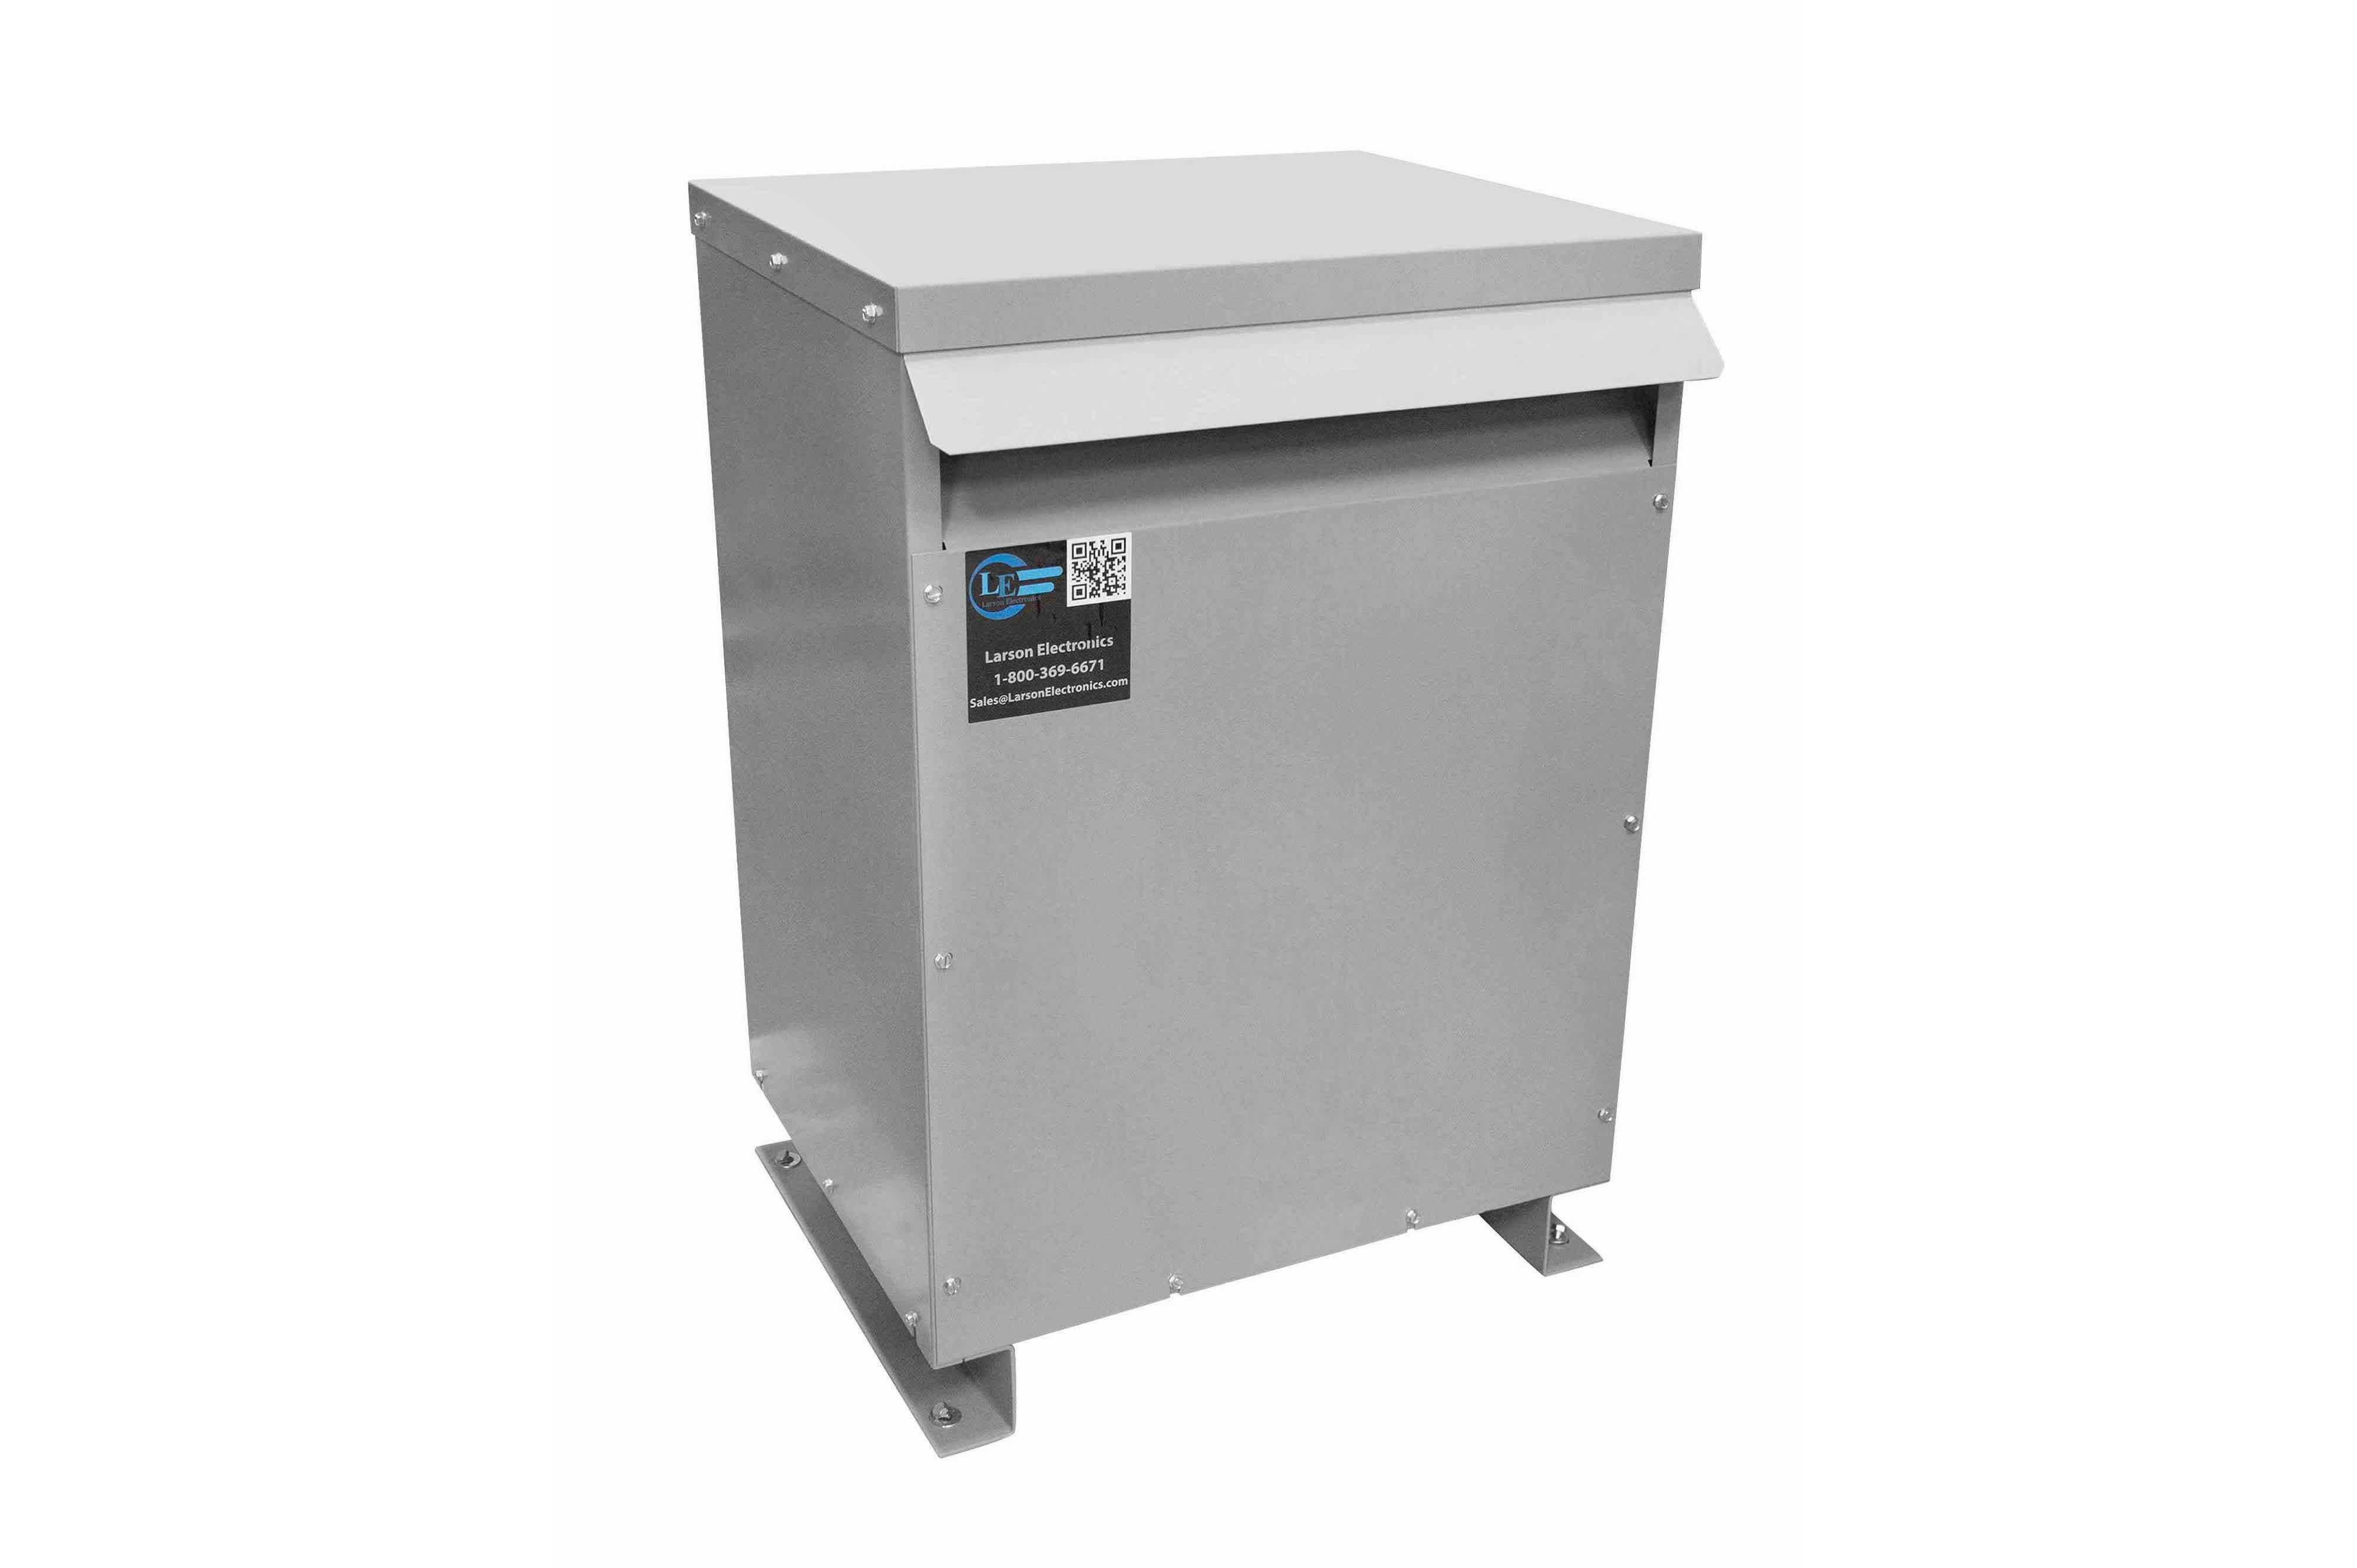 110 kVA 3PH Isolation Transformer, 380V Delta Primary, 240 Delta Secondary, N3R, Ventilated, 60 Hz